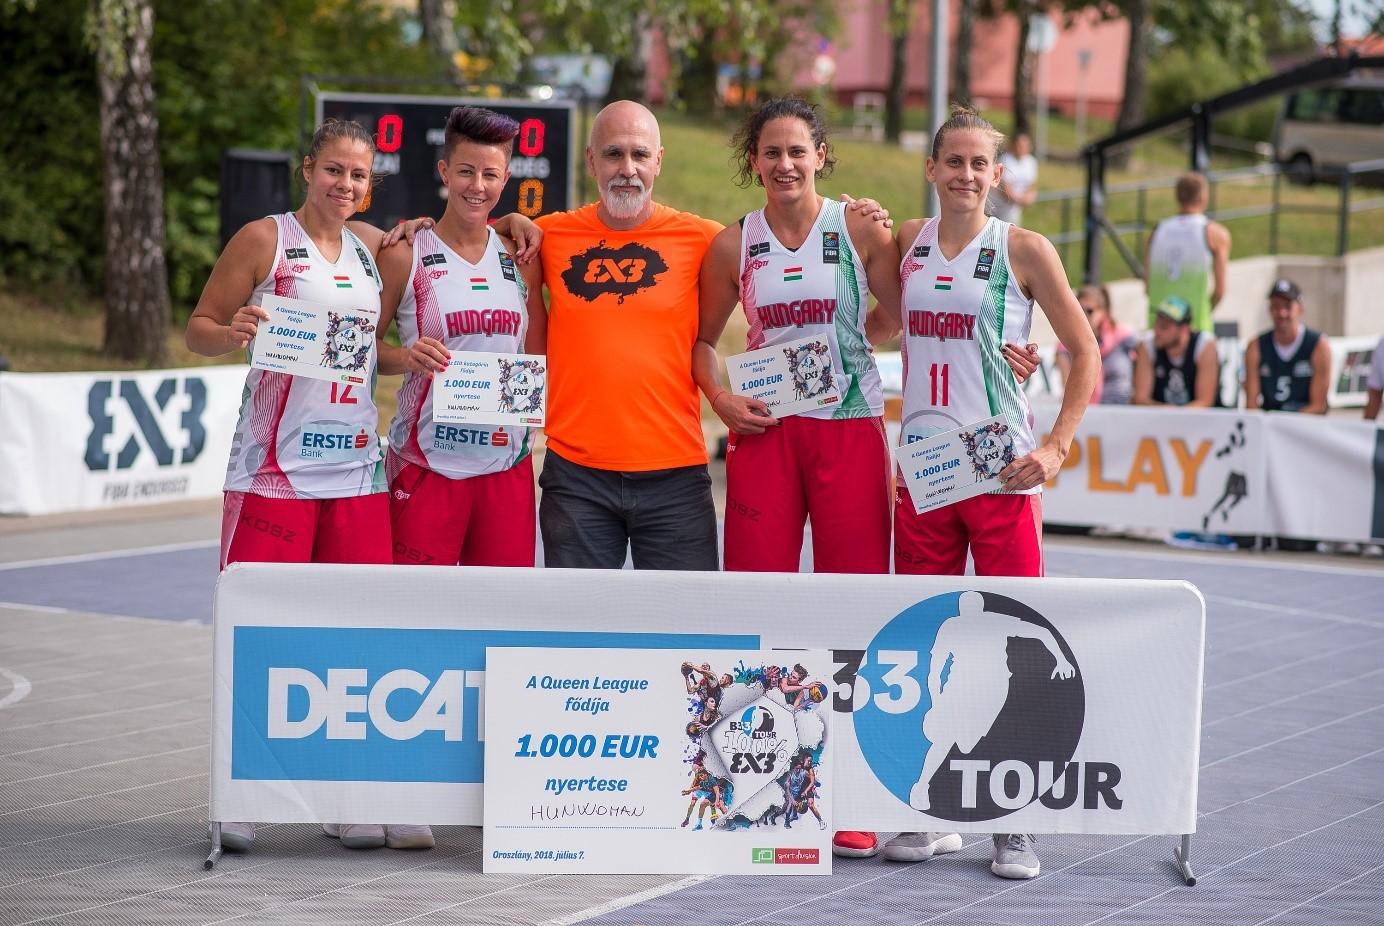 Decathlon B33 Tour döntő Oroszlányban